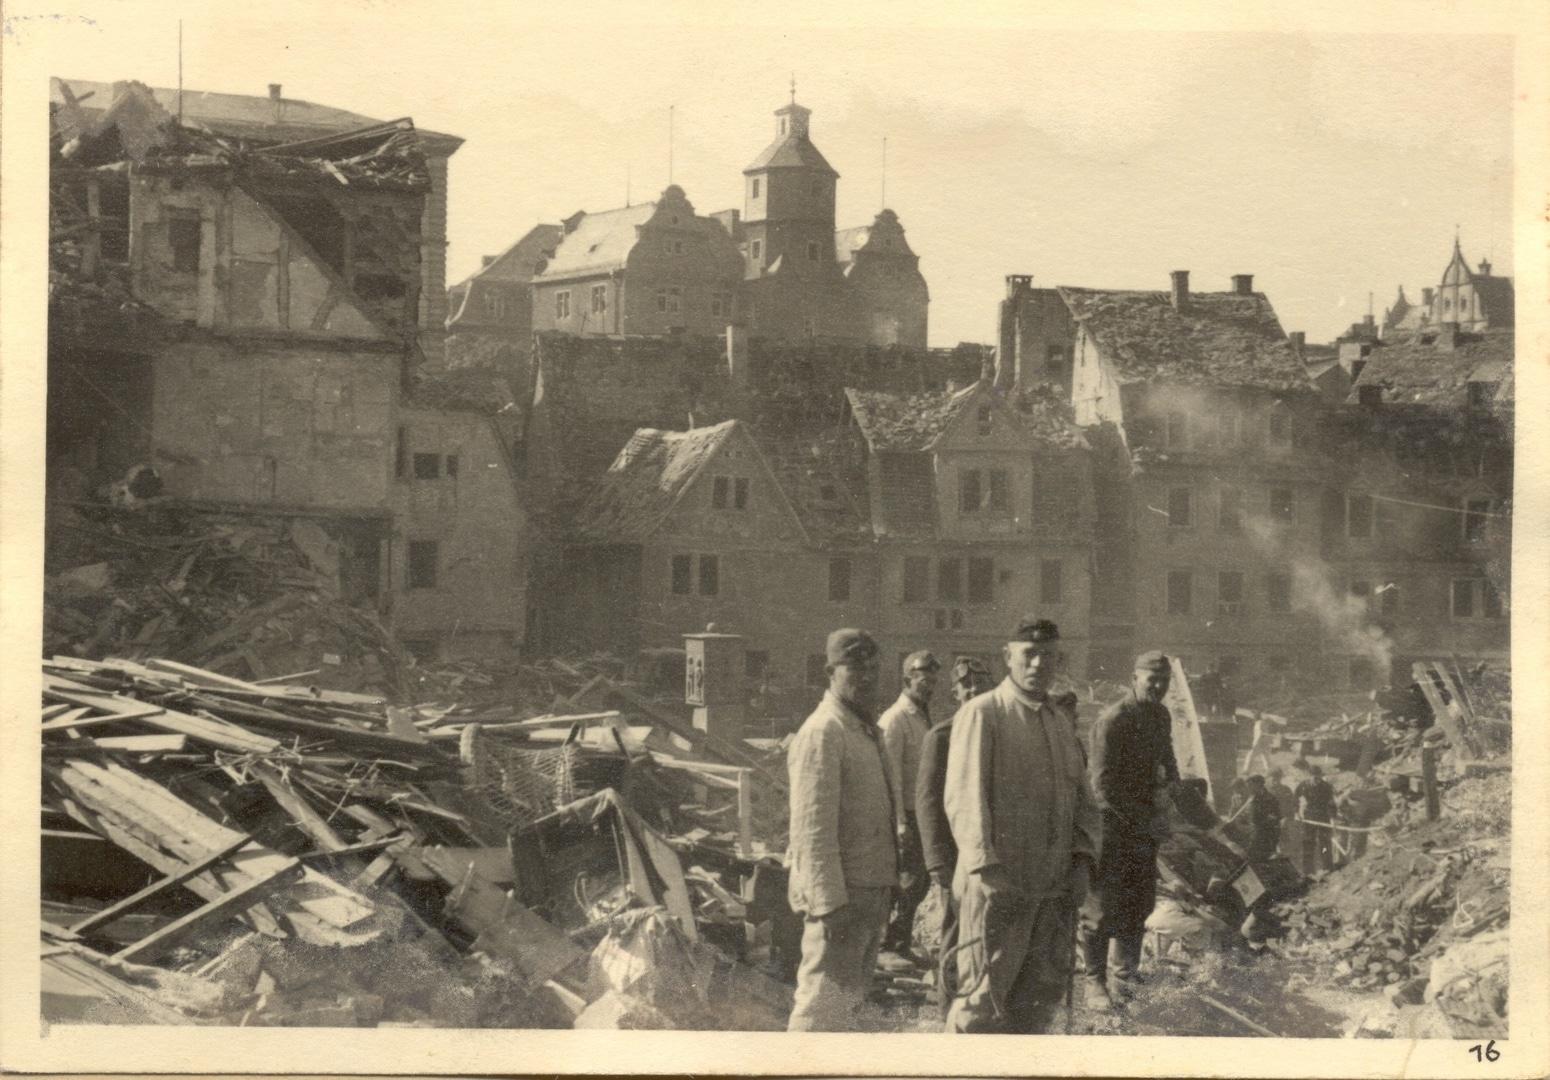 Kriegsgefangene und Wehrmachtssoldaten bei Aufräumarbeiten